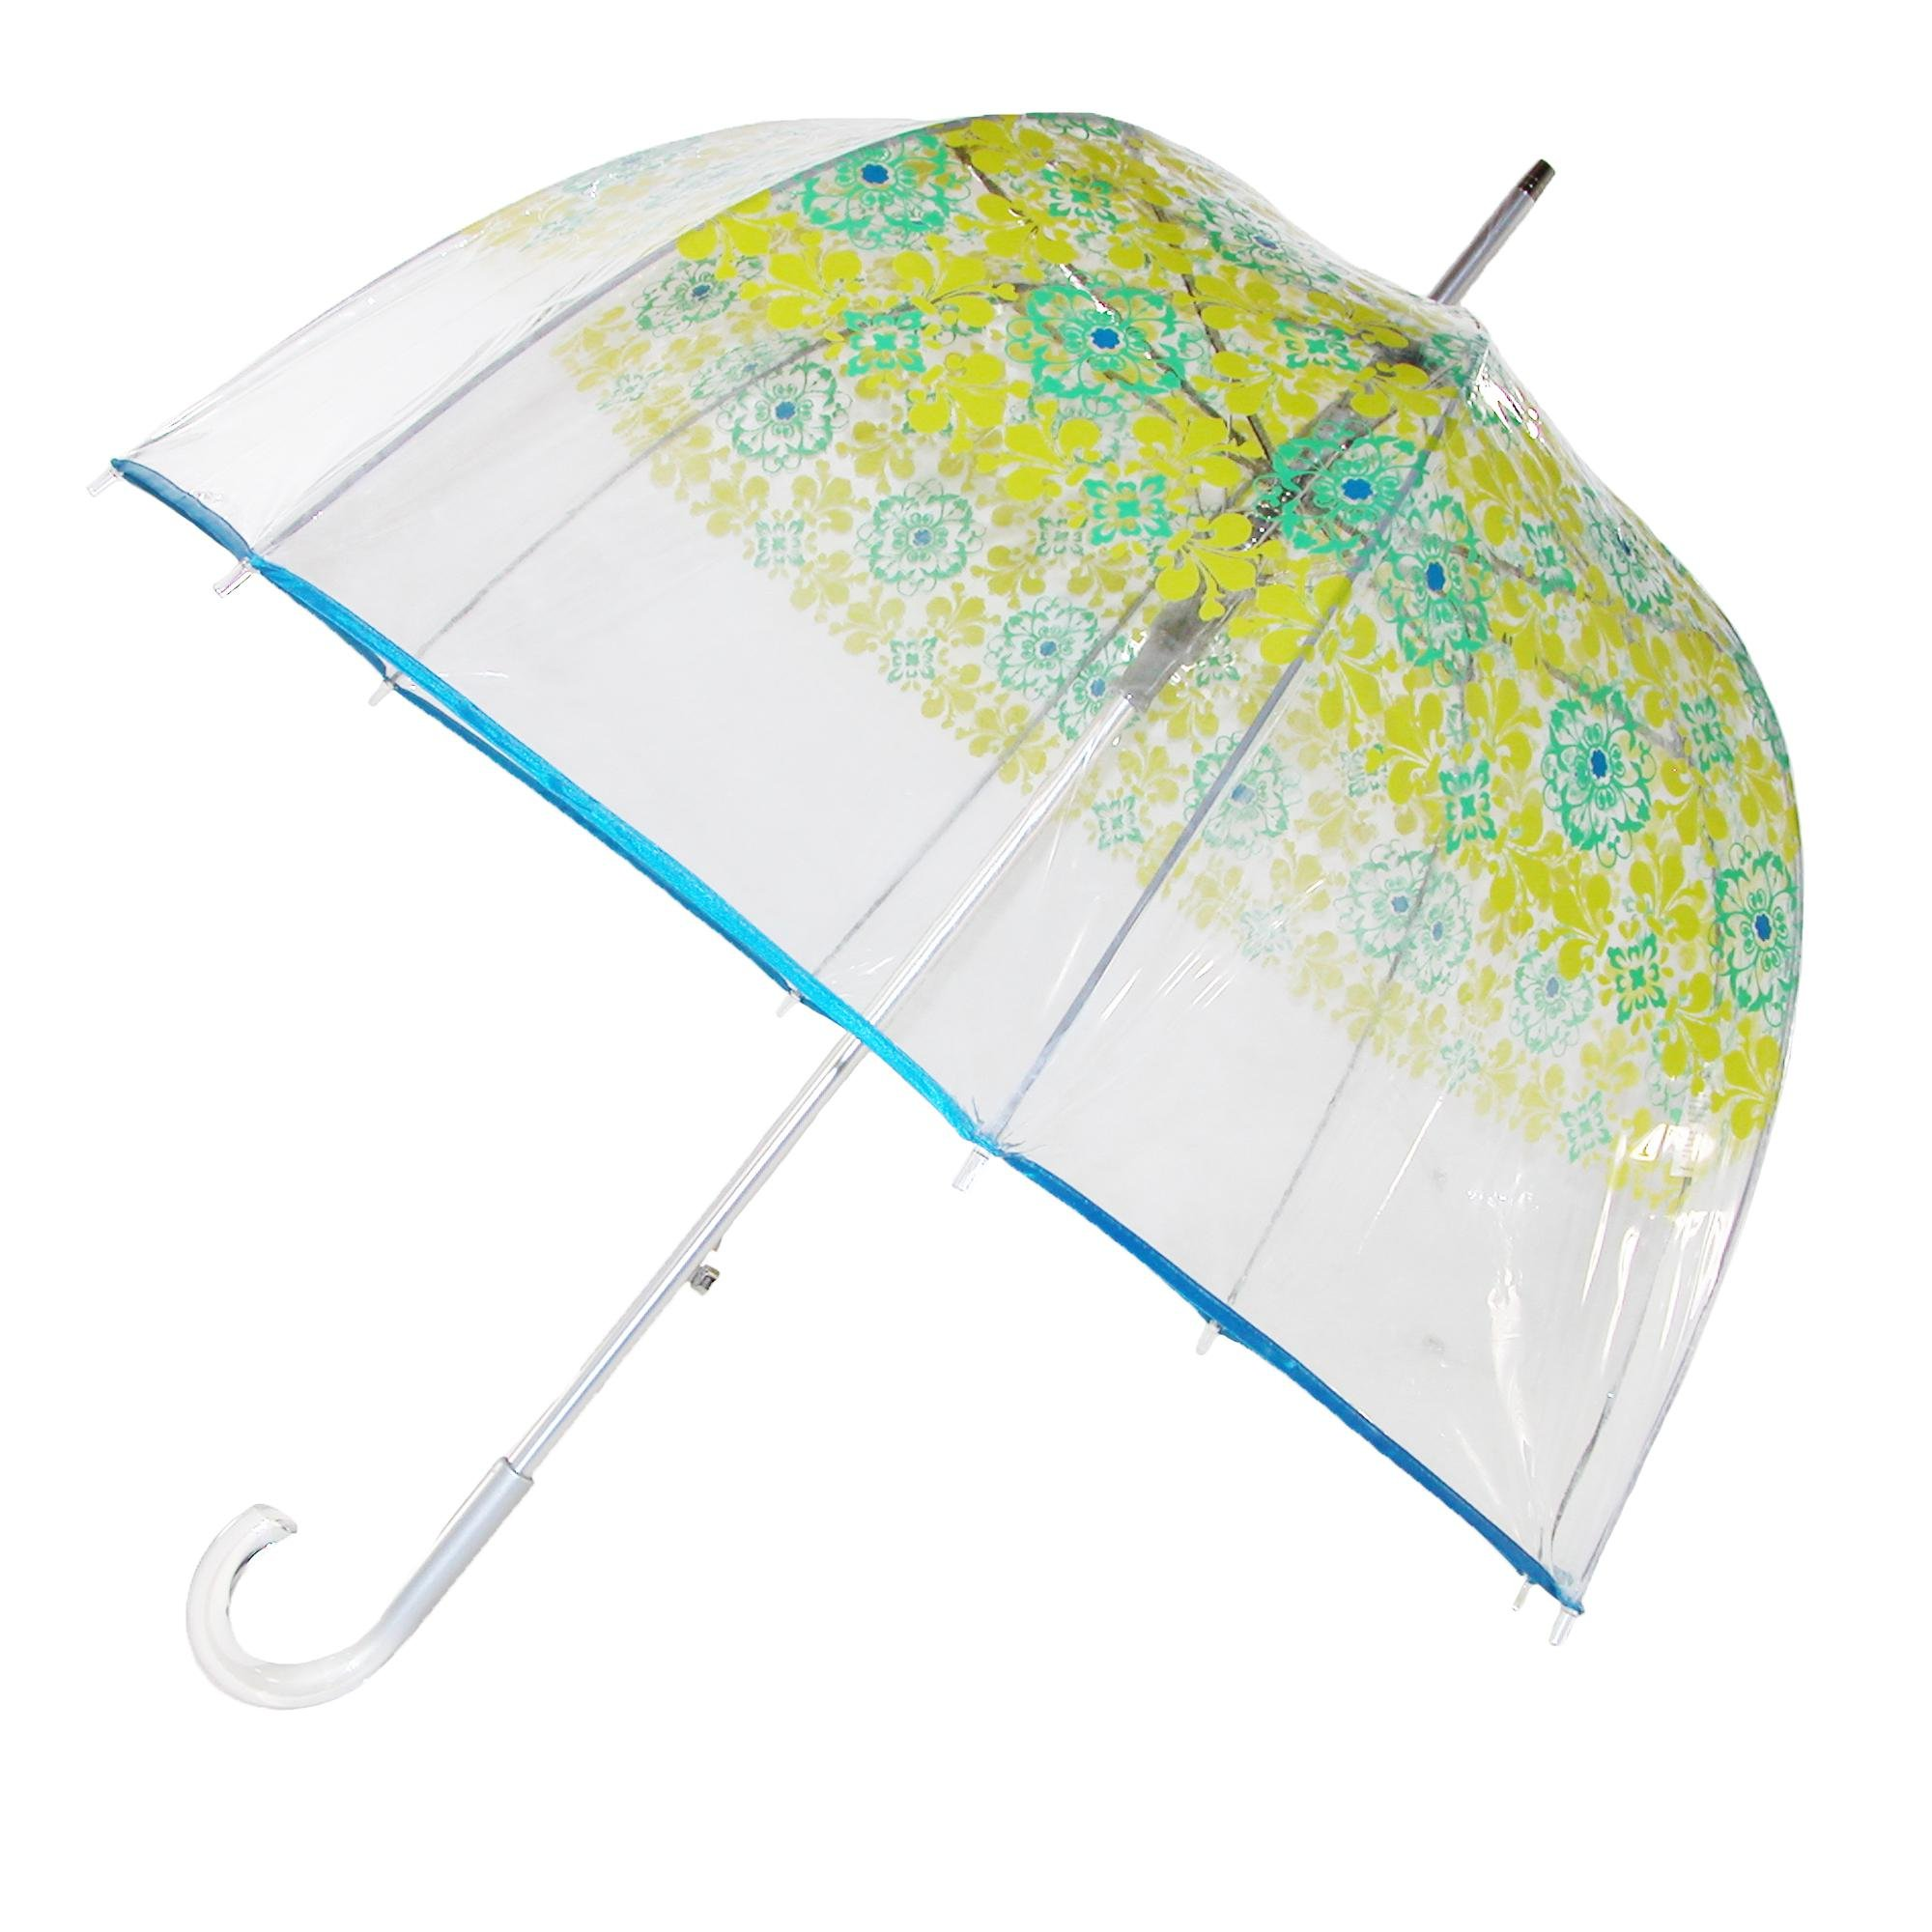 Totes Women's Auto Open Blue Filigree Bubble Stick Umbrella, Multi-Color